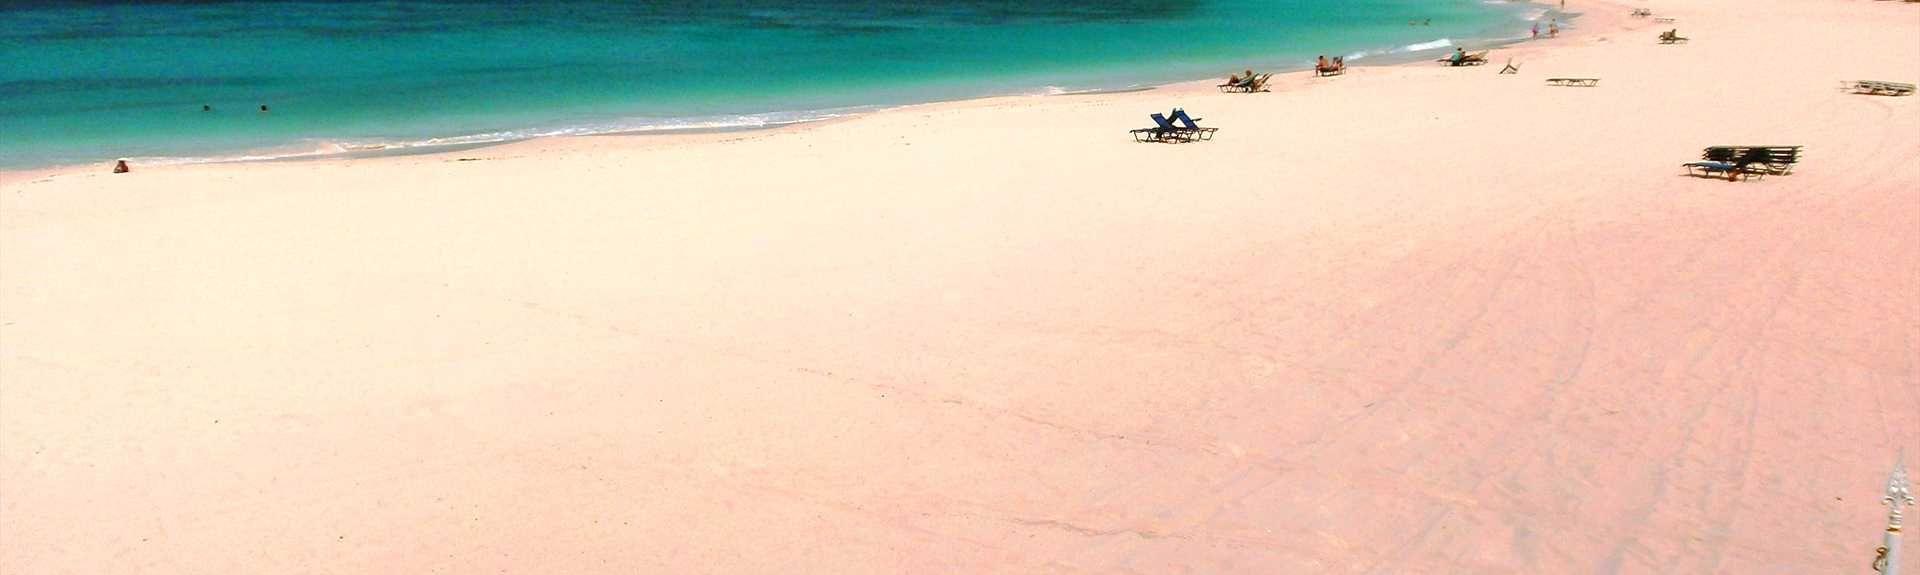 Divi Village Golf & Beach Resort, Oranjestad-West, Aruba